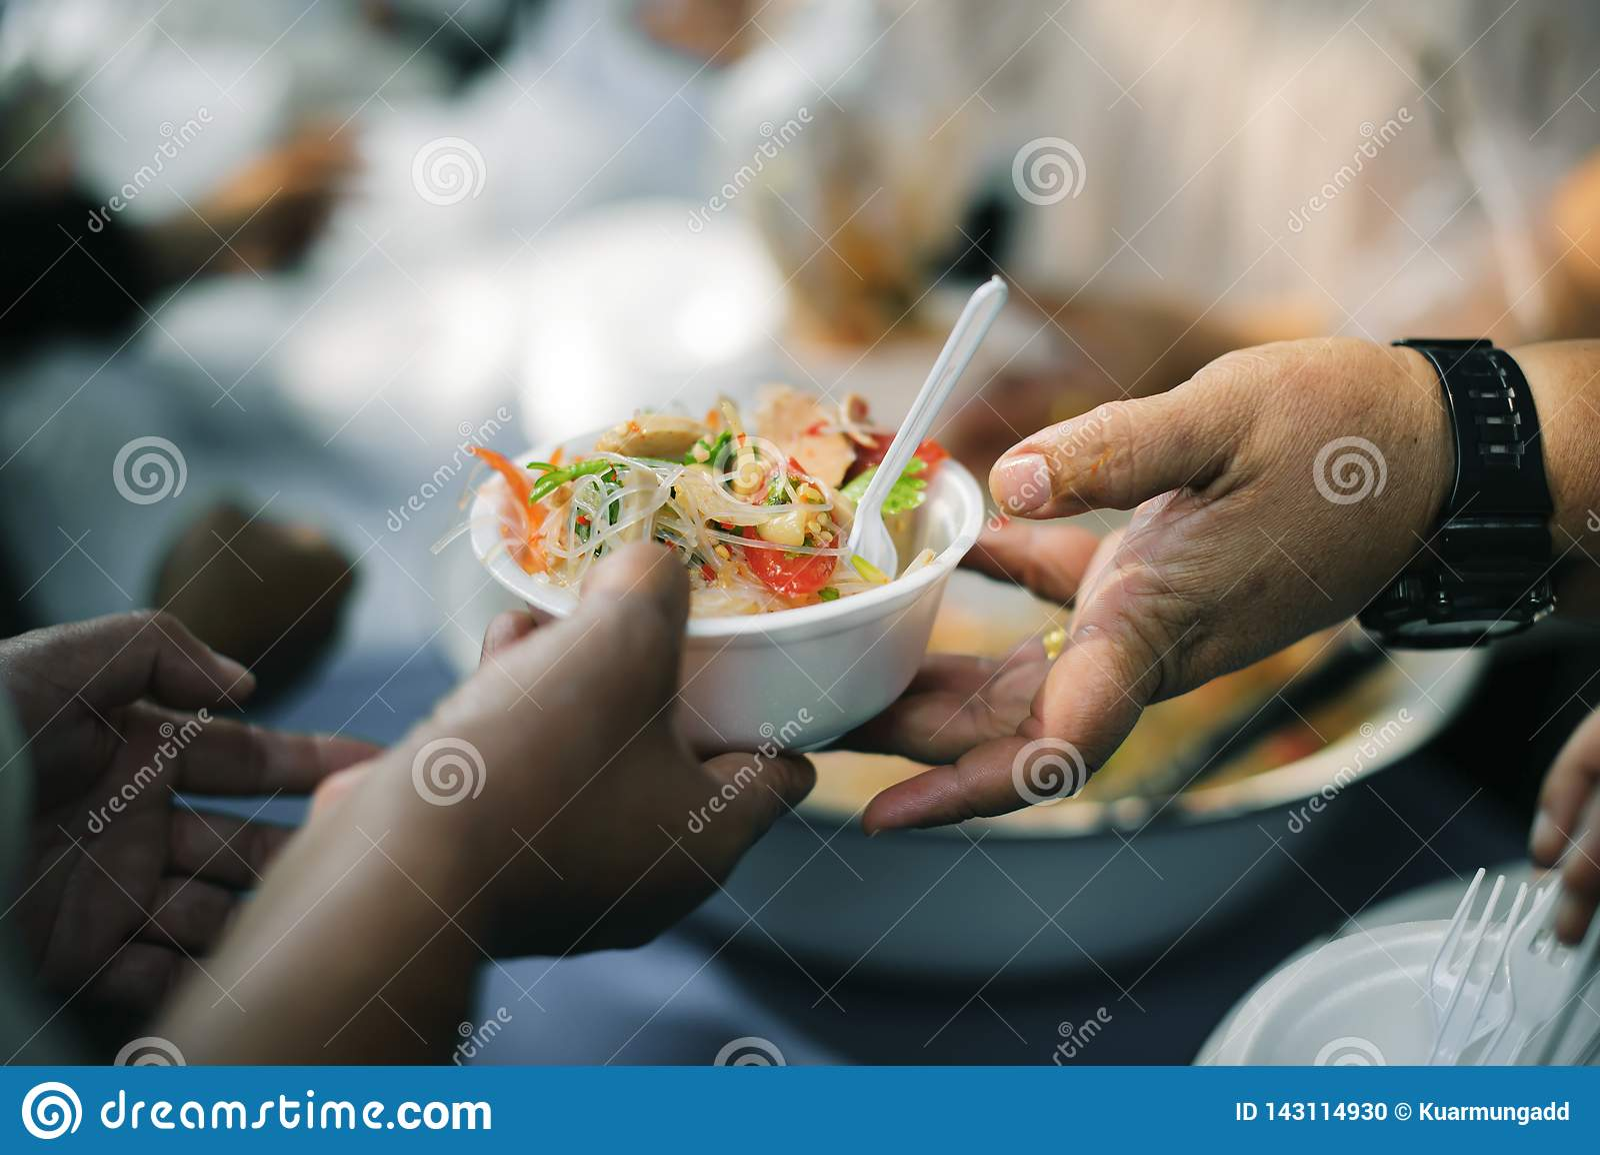 食物需要可怜的人民在这个行星的每个国家发生:给的概念